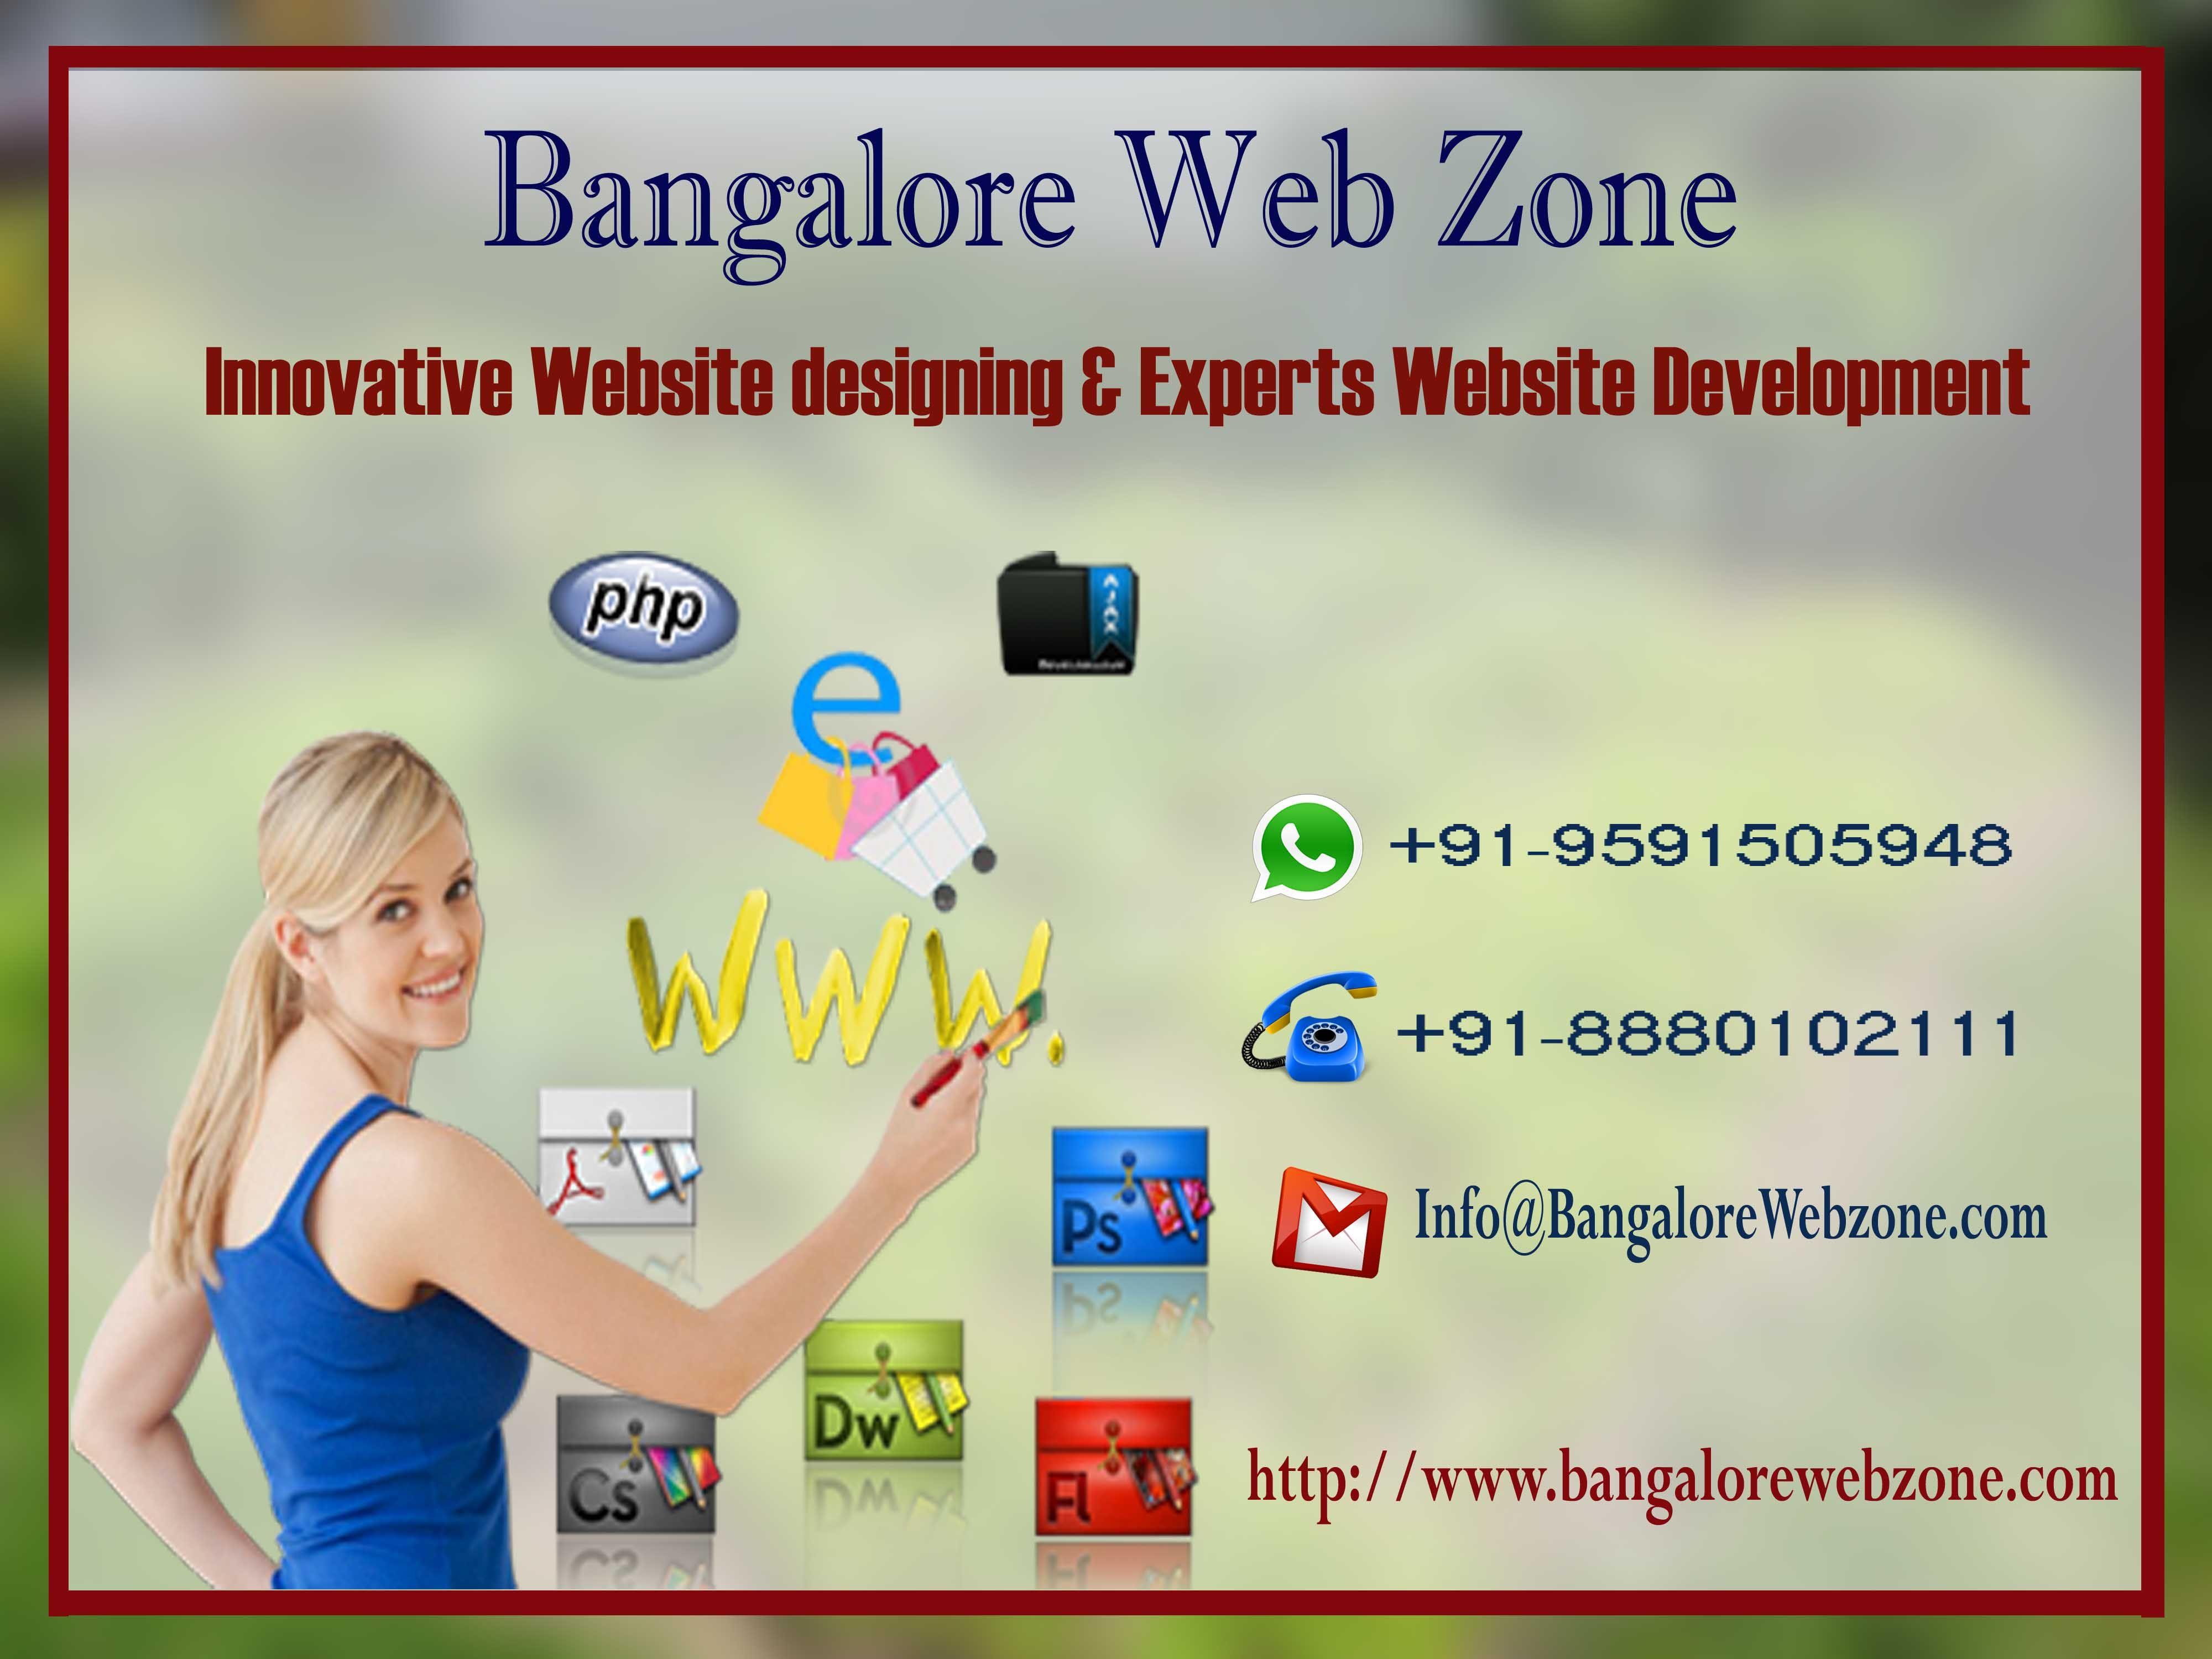 Best Web Design Company In Bangalore Web Design Company Web Design Digital Marketing Services